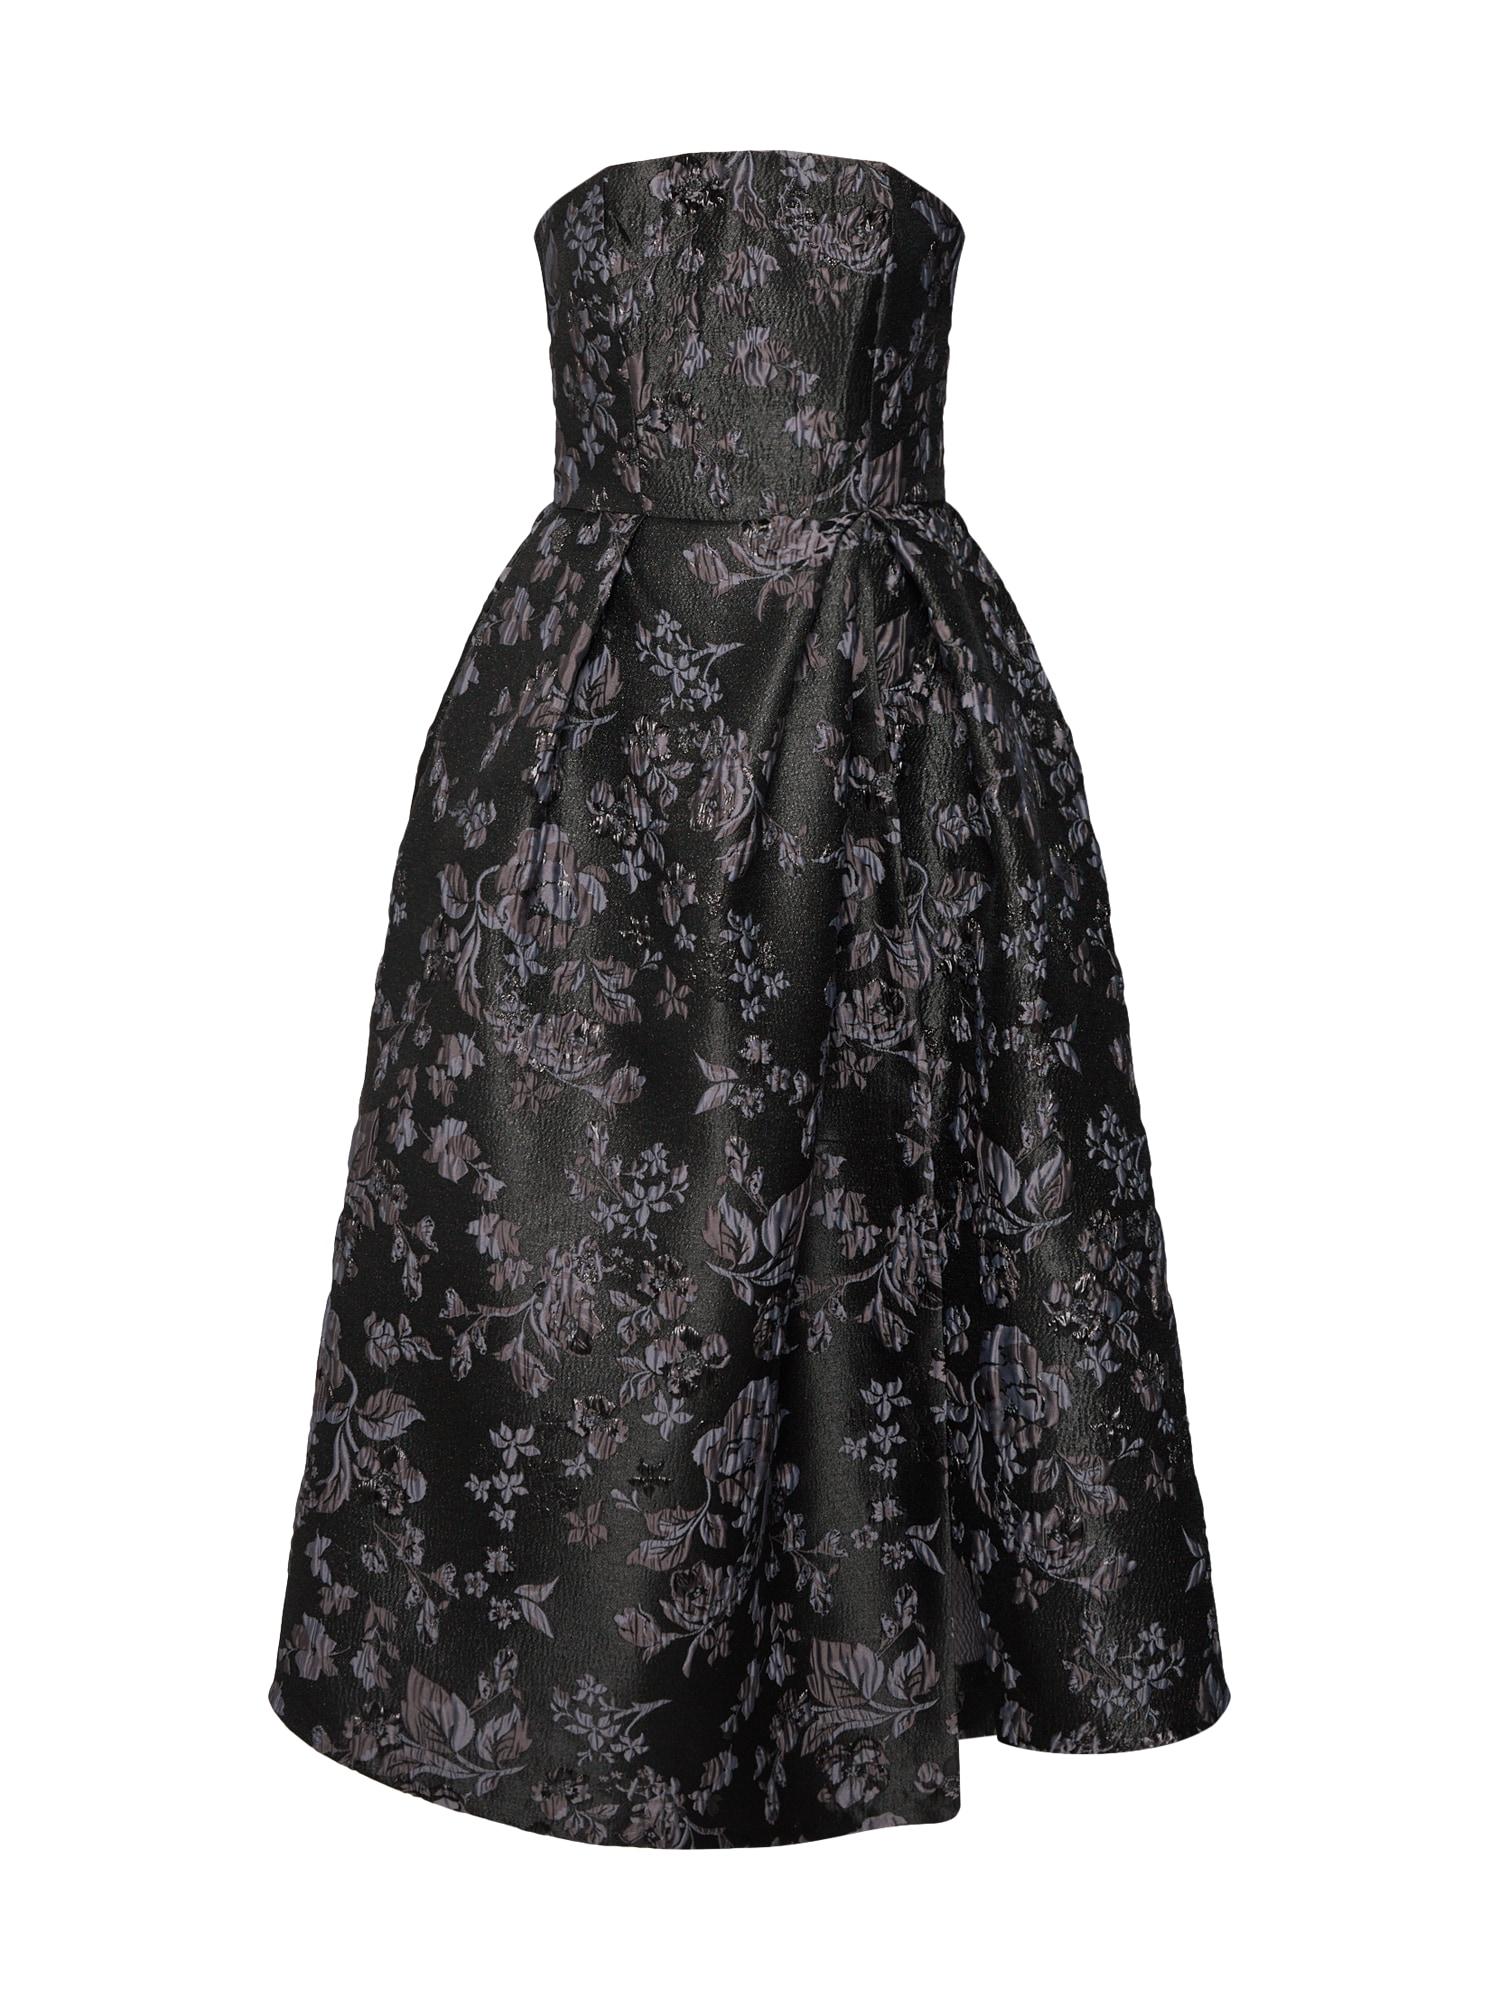 Společenské šaty Closet Gold Strapless Dress tmavě šedá Closet London